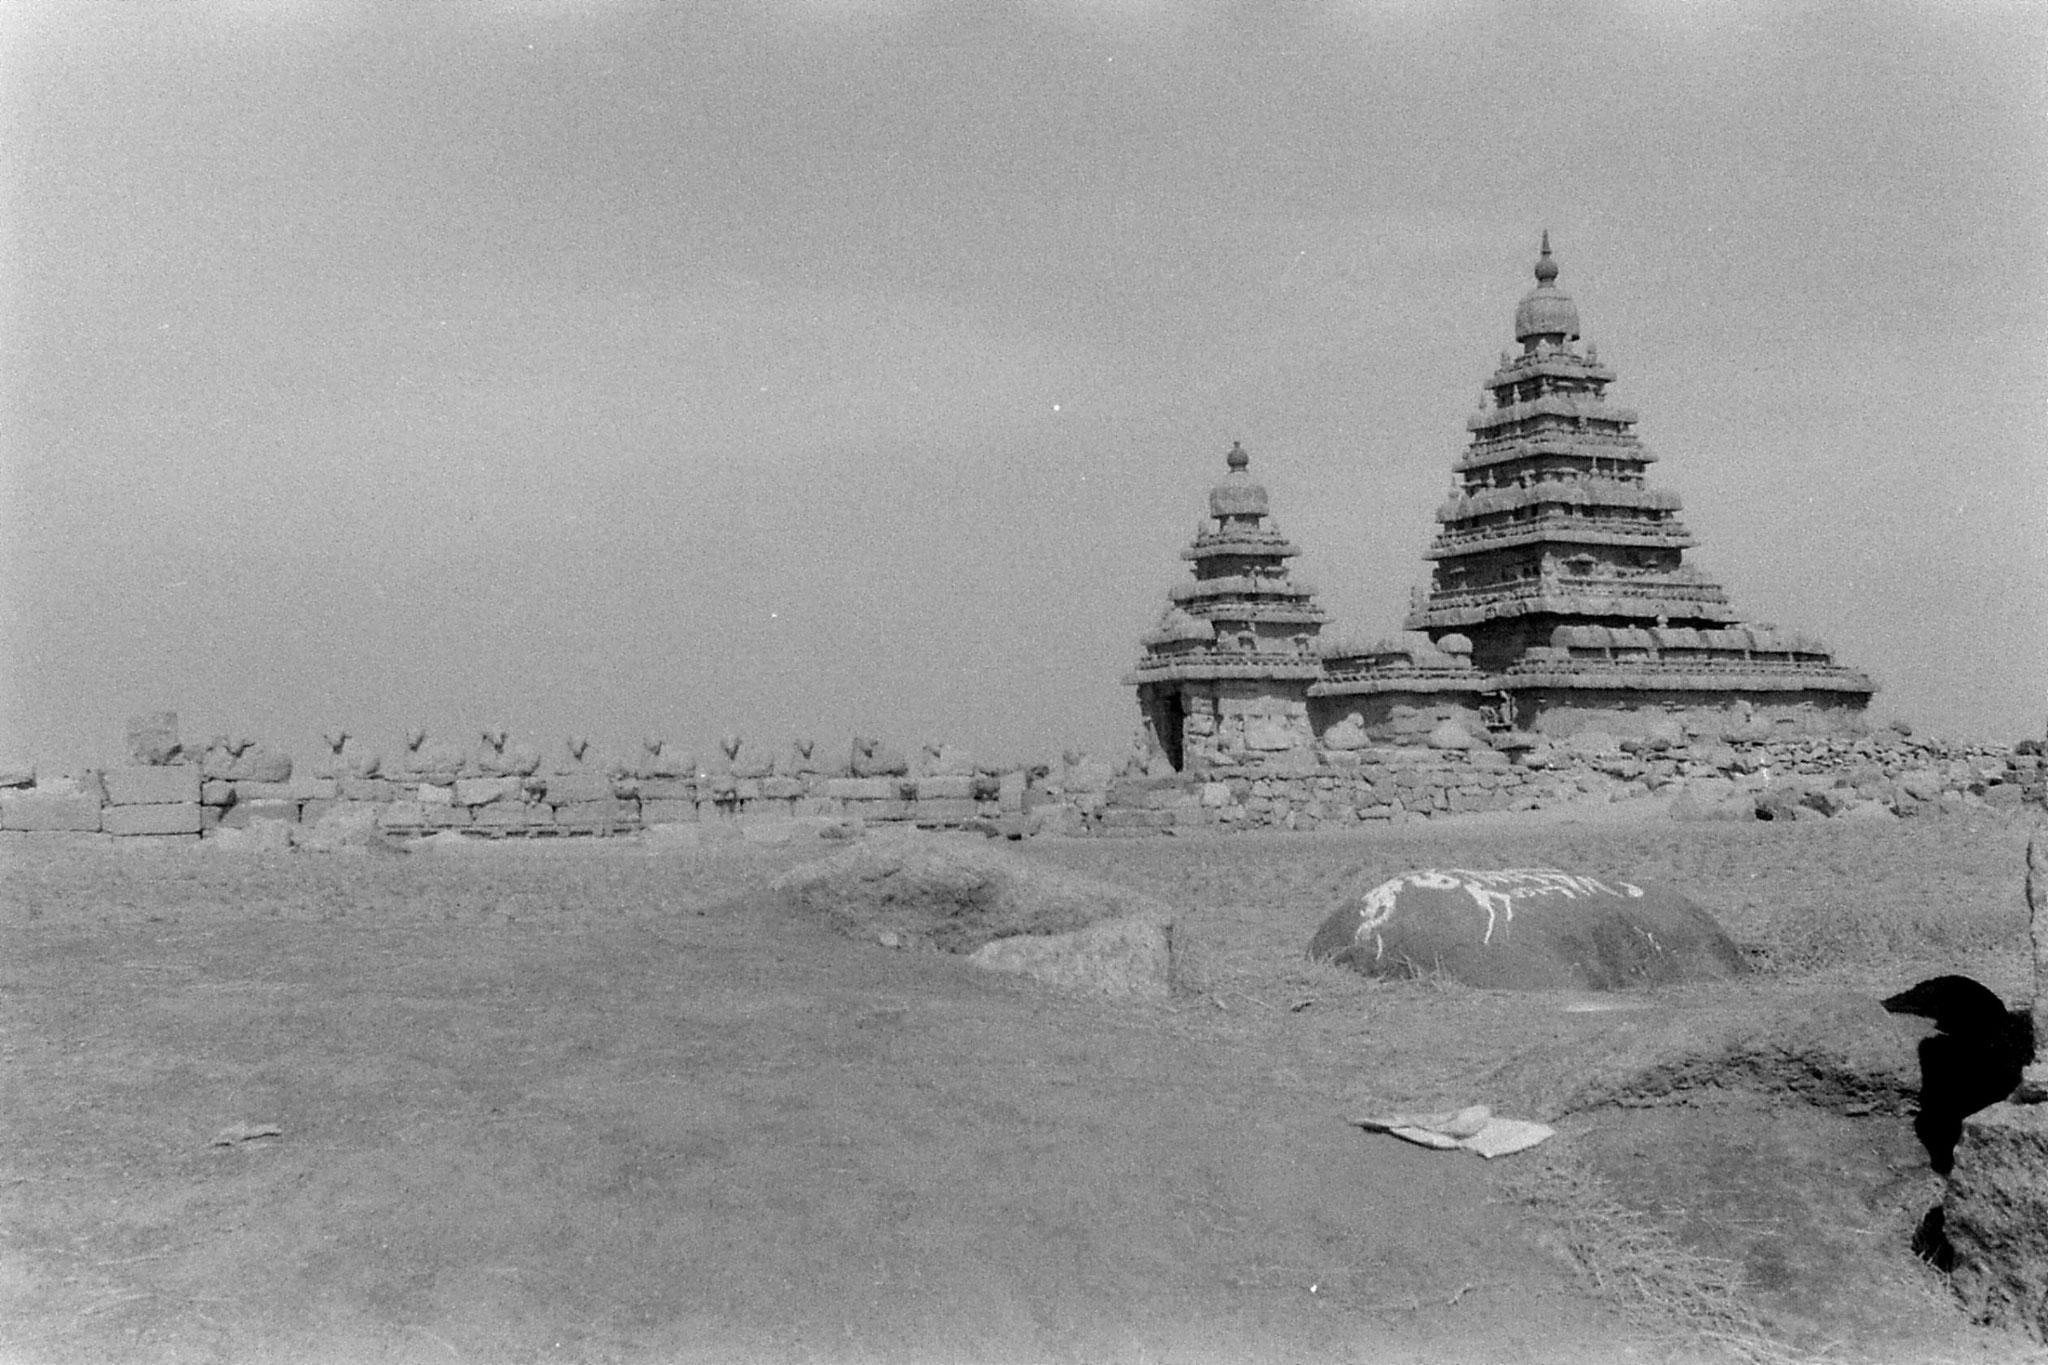 19/1/90: 25: Mahabalipuram - Shiva Temple - row of bulls